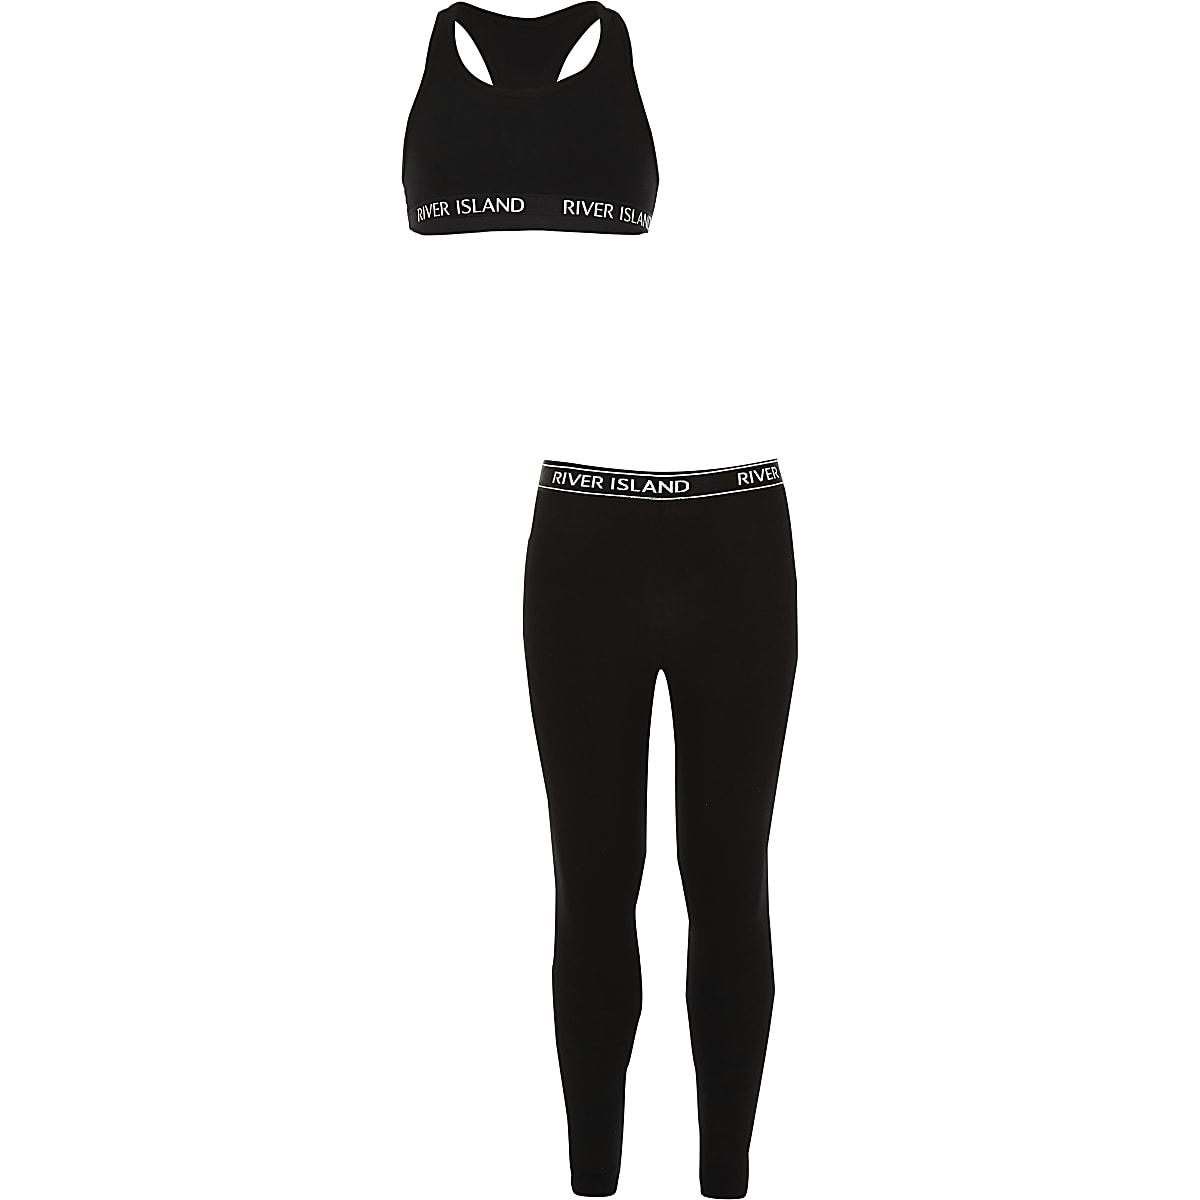 Outfit met zwarte top met racernek voor meisjes